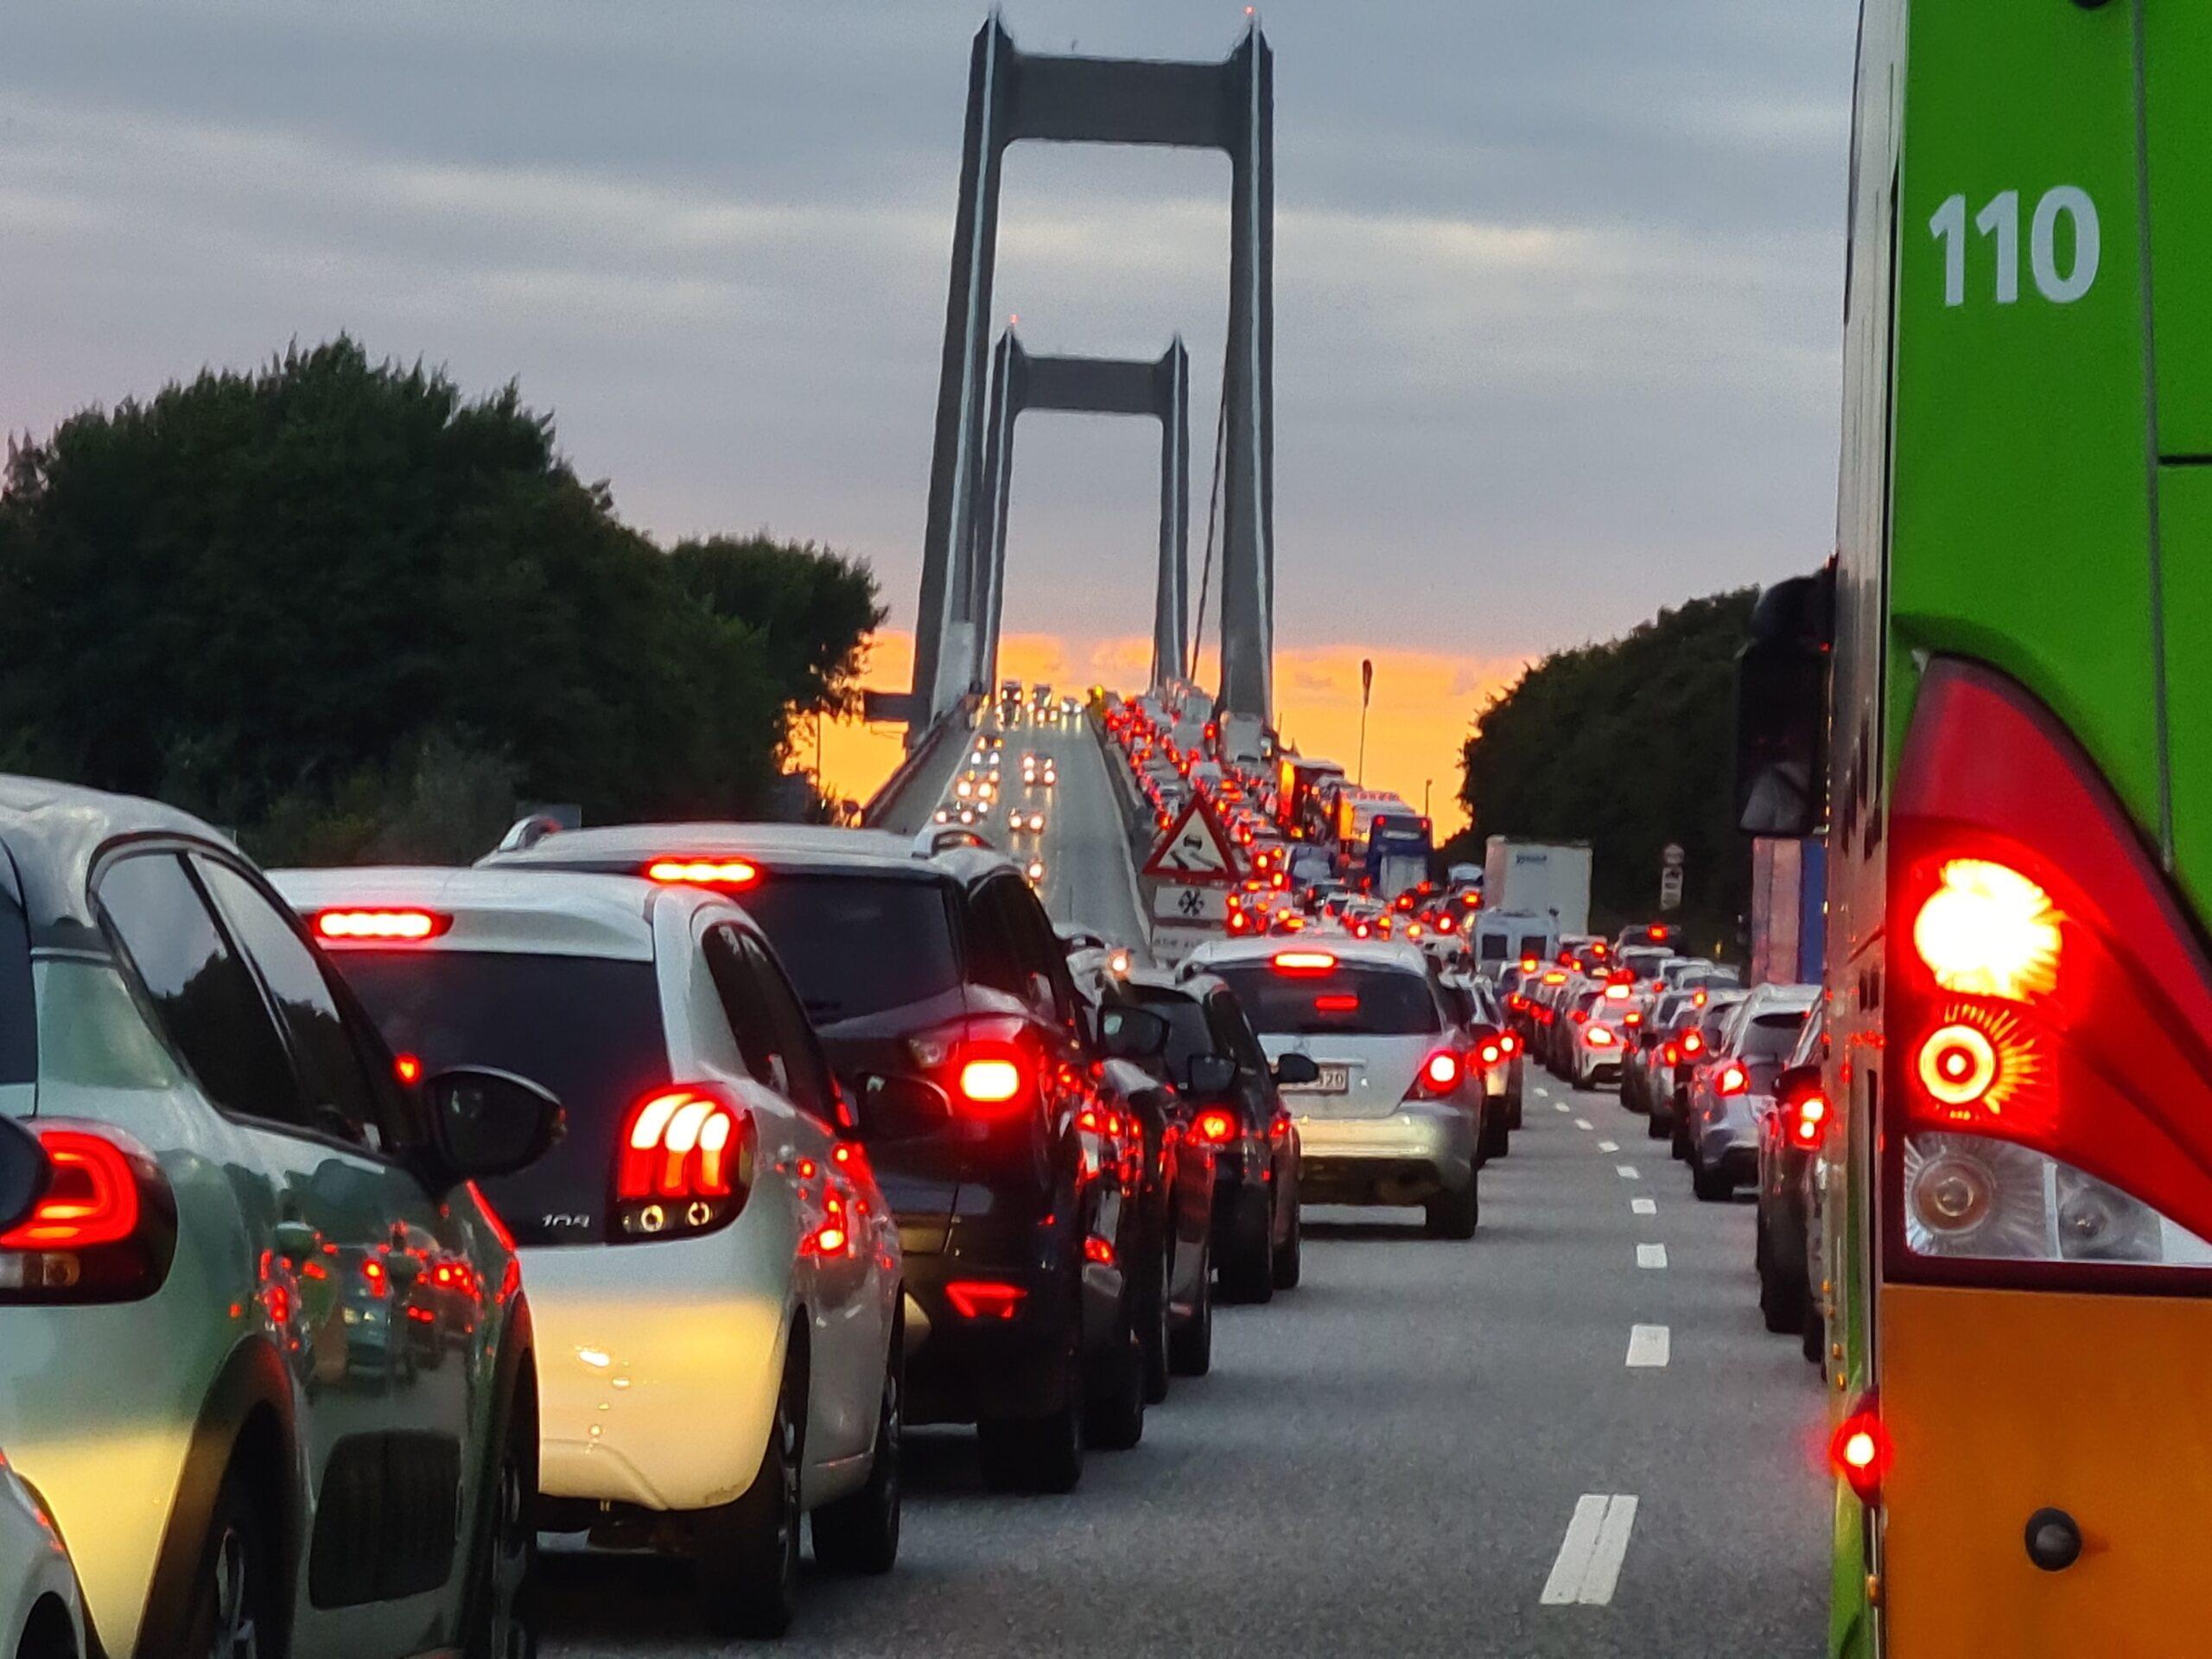 Flere kilometer kø på motorvej - vejarbejde i gang